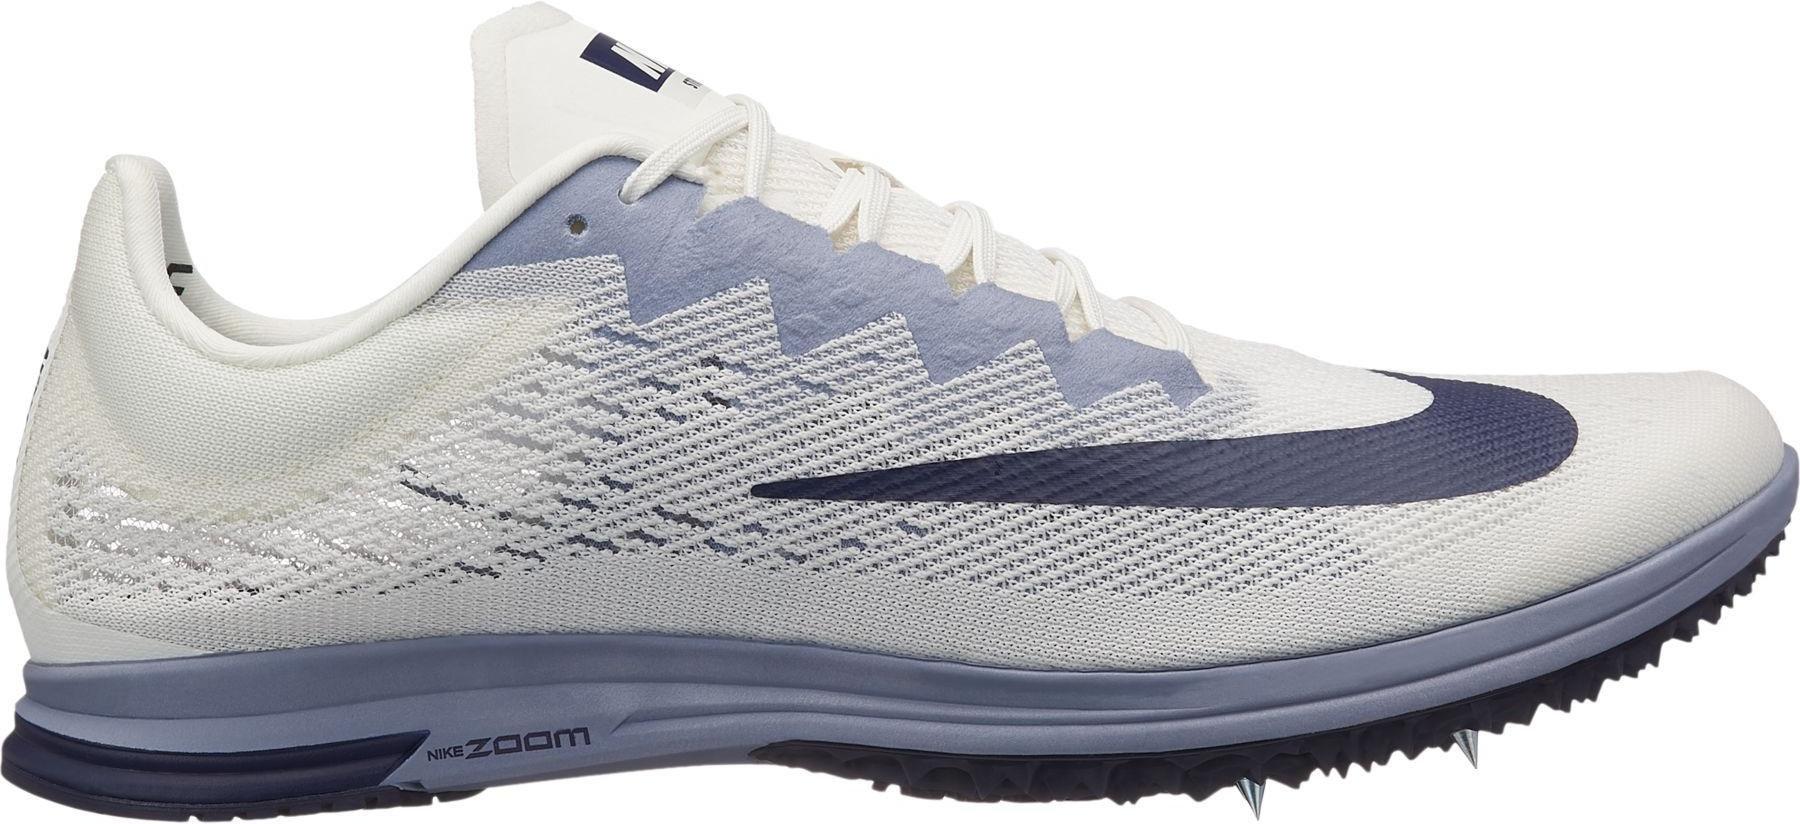 Scarpe da atletica Nike SPIKE FLAT